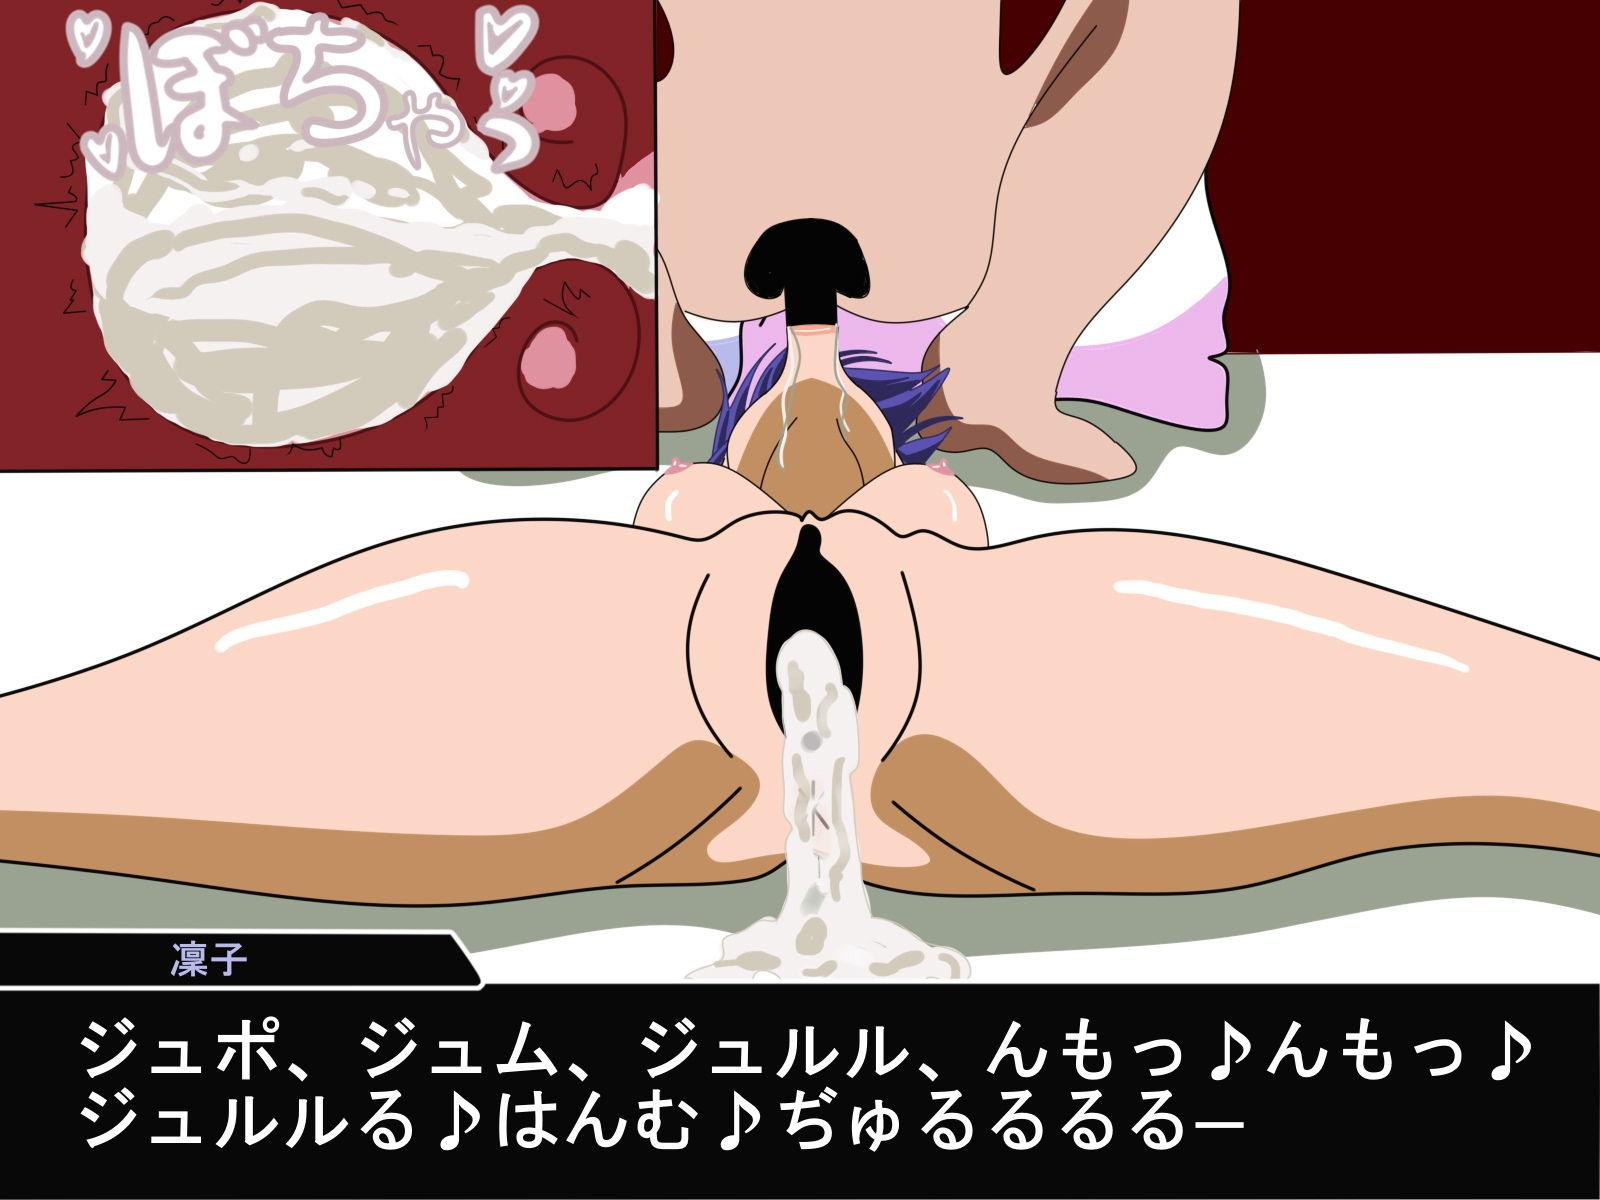 対魔忍オークション 斬鬼の対魔忍(seekmaker store) [d_178468] 3